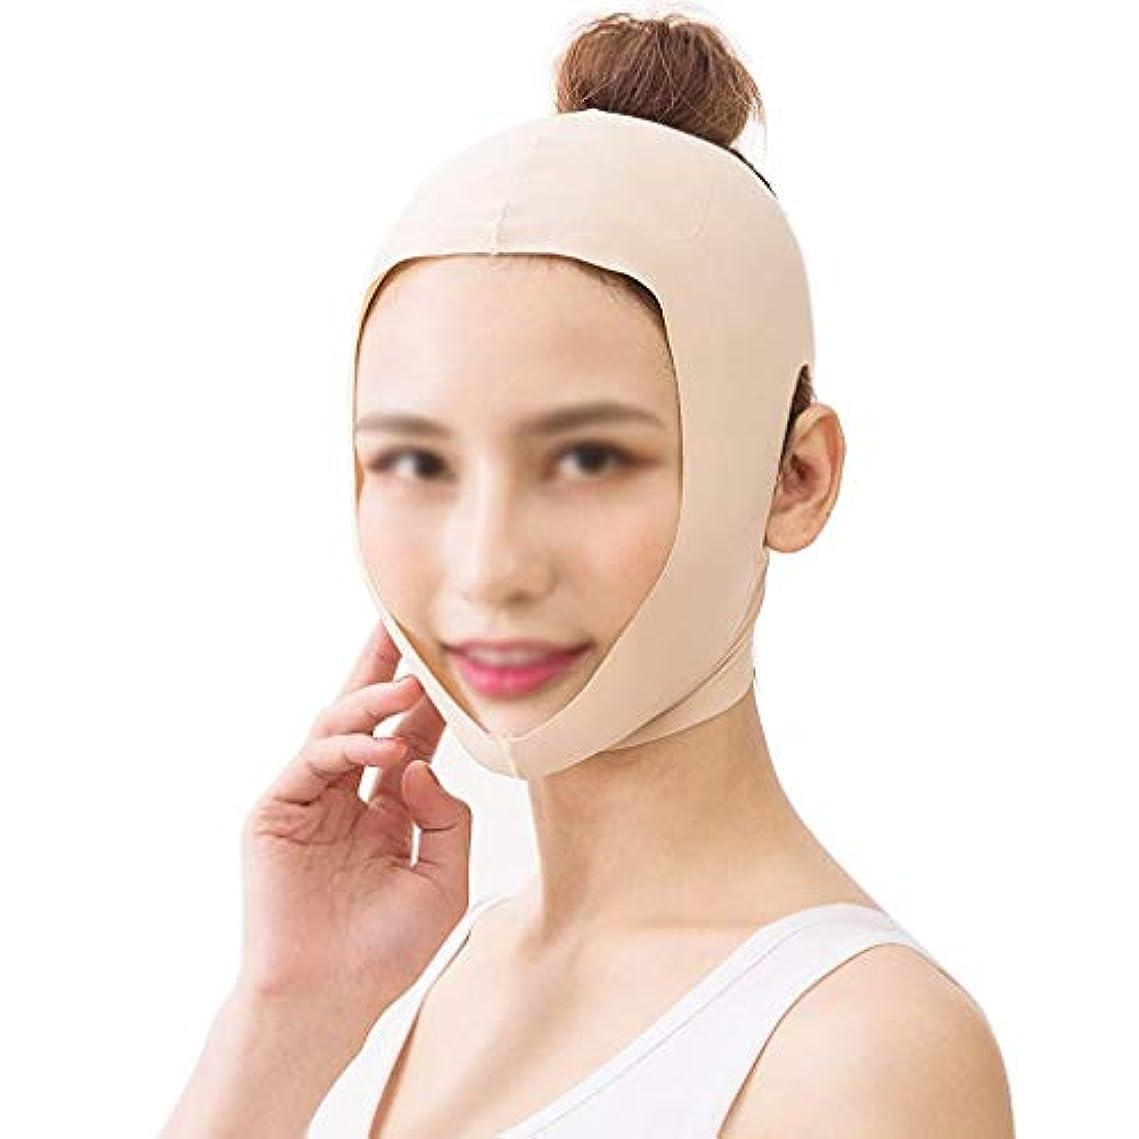 士気先見の明元に戻すフェイスリフト用フェイシャル引き締め包帯、フェイシャルリフティングツール、二重あごを減らすためのリフティング包帯